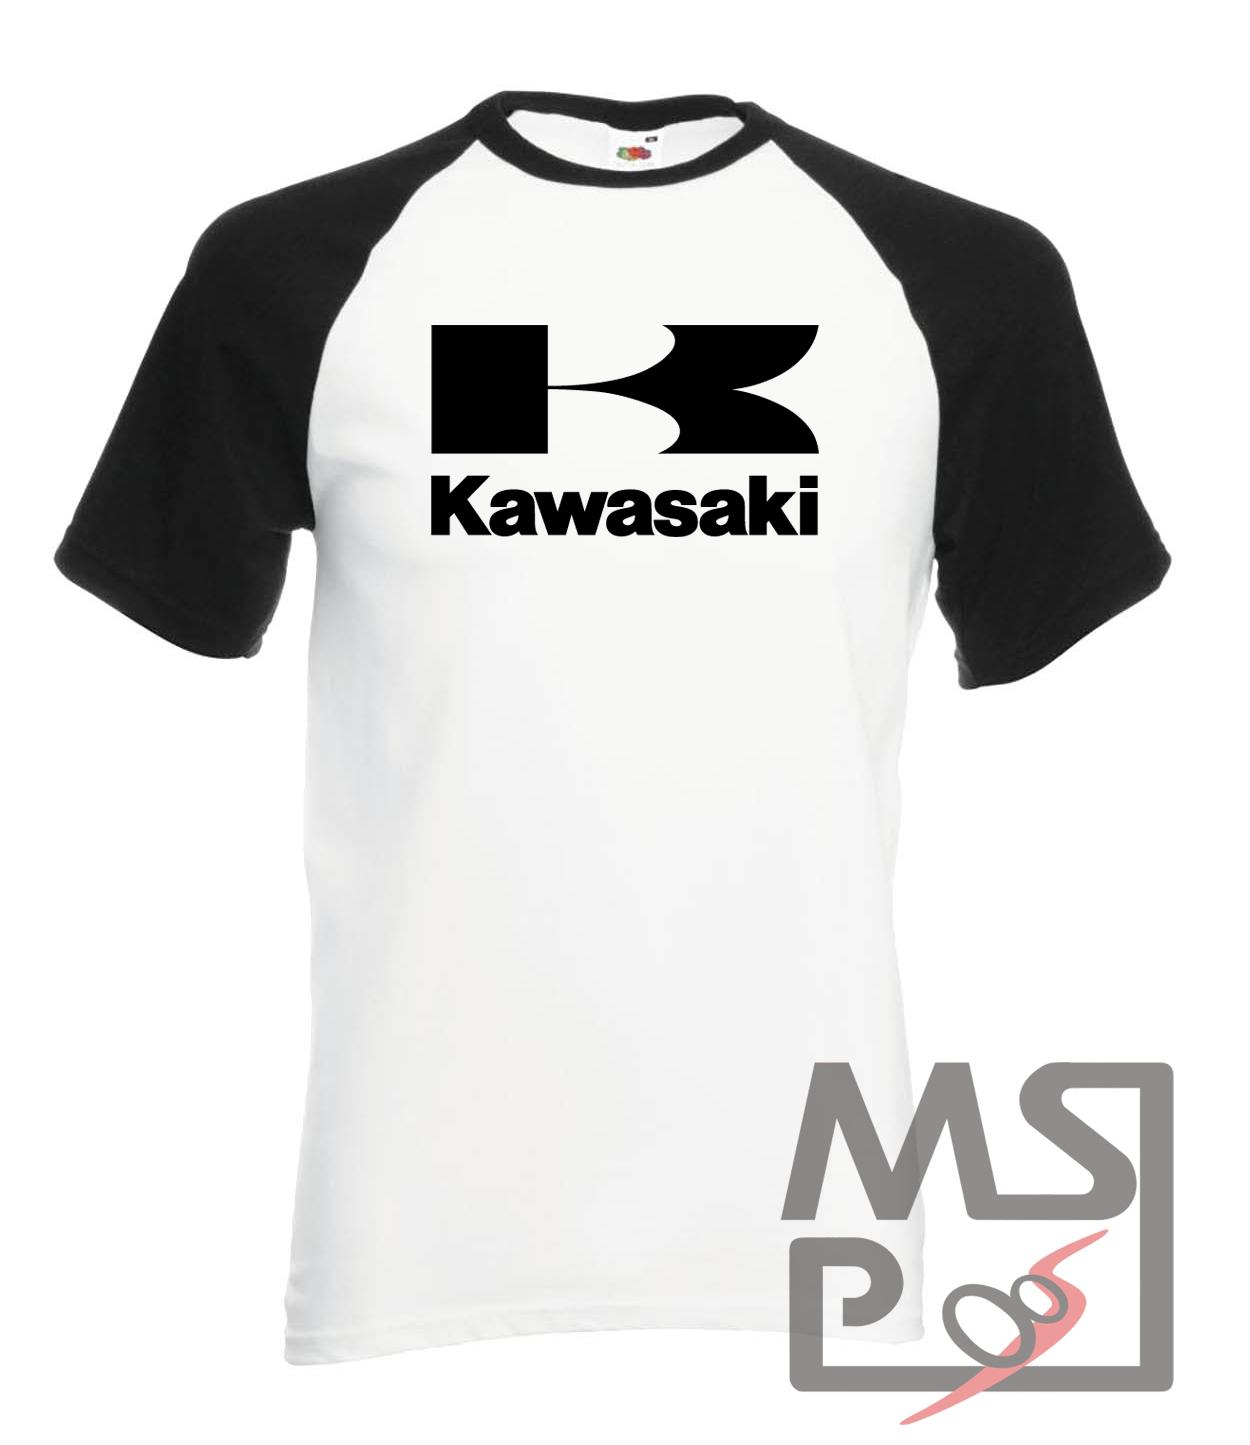 Tričko Kawasaki 01